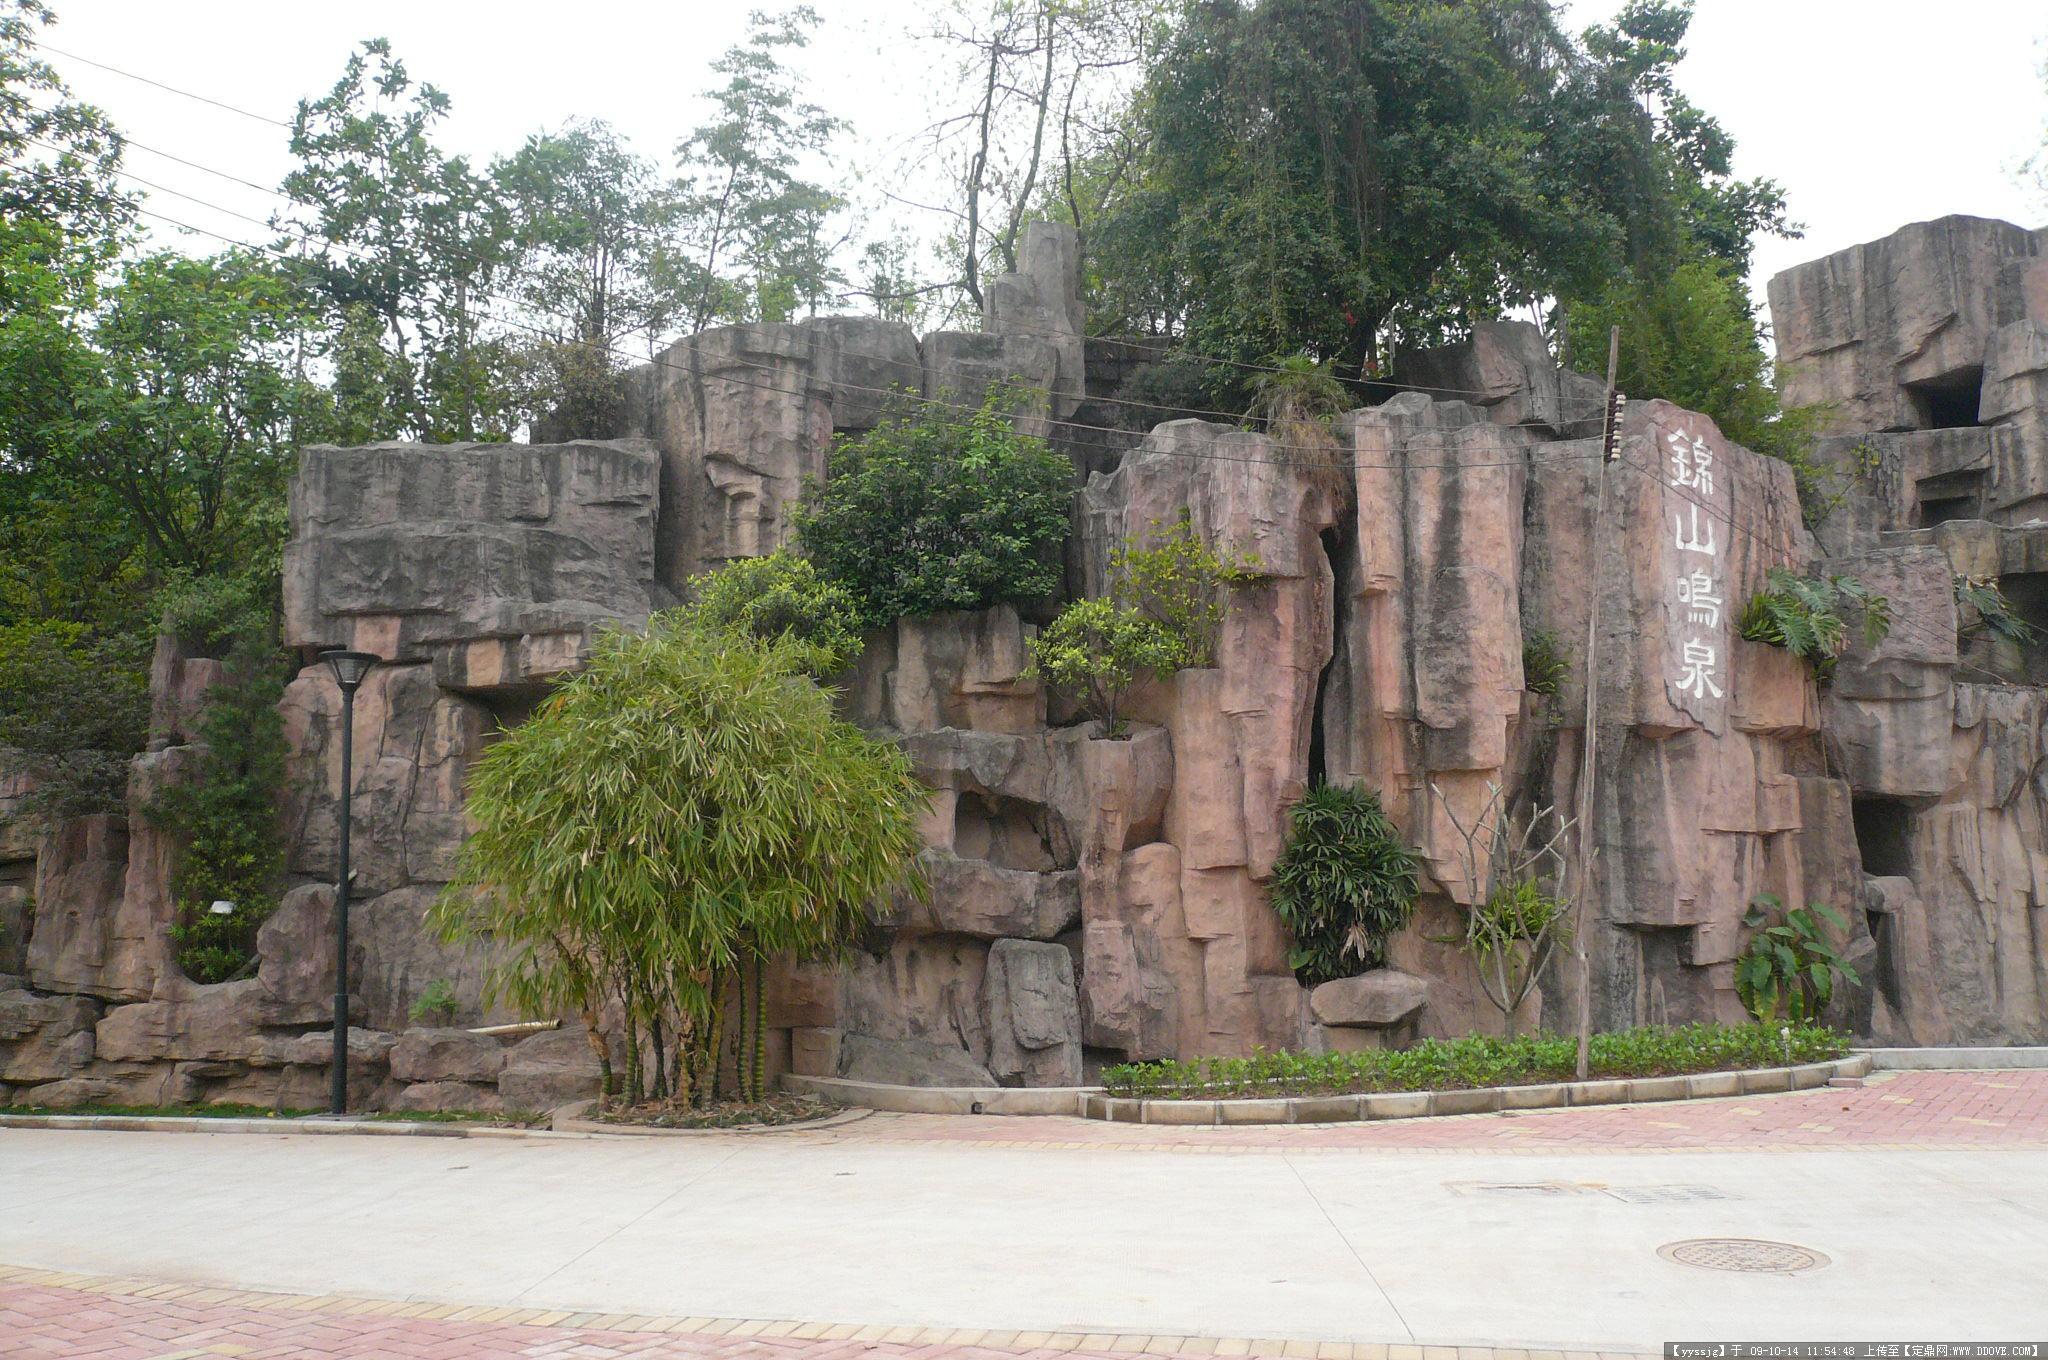 塑石项目一的图片浏览,园林节点照片,置石,园林景观